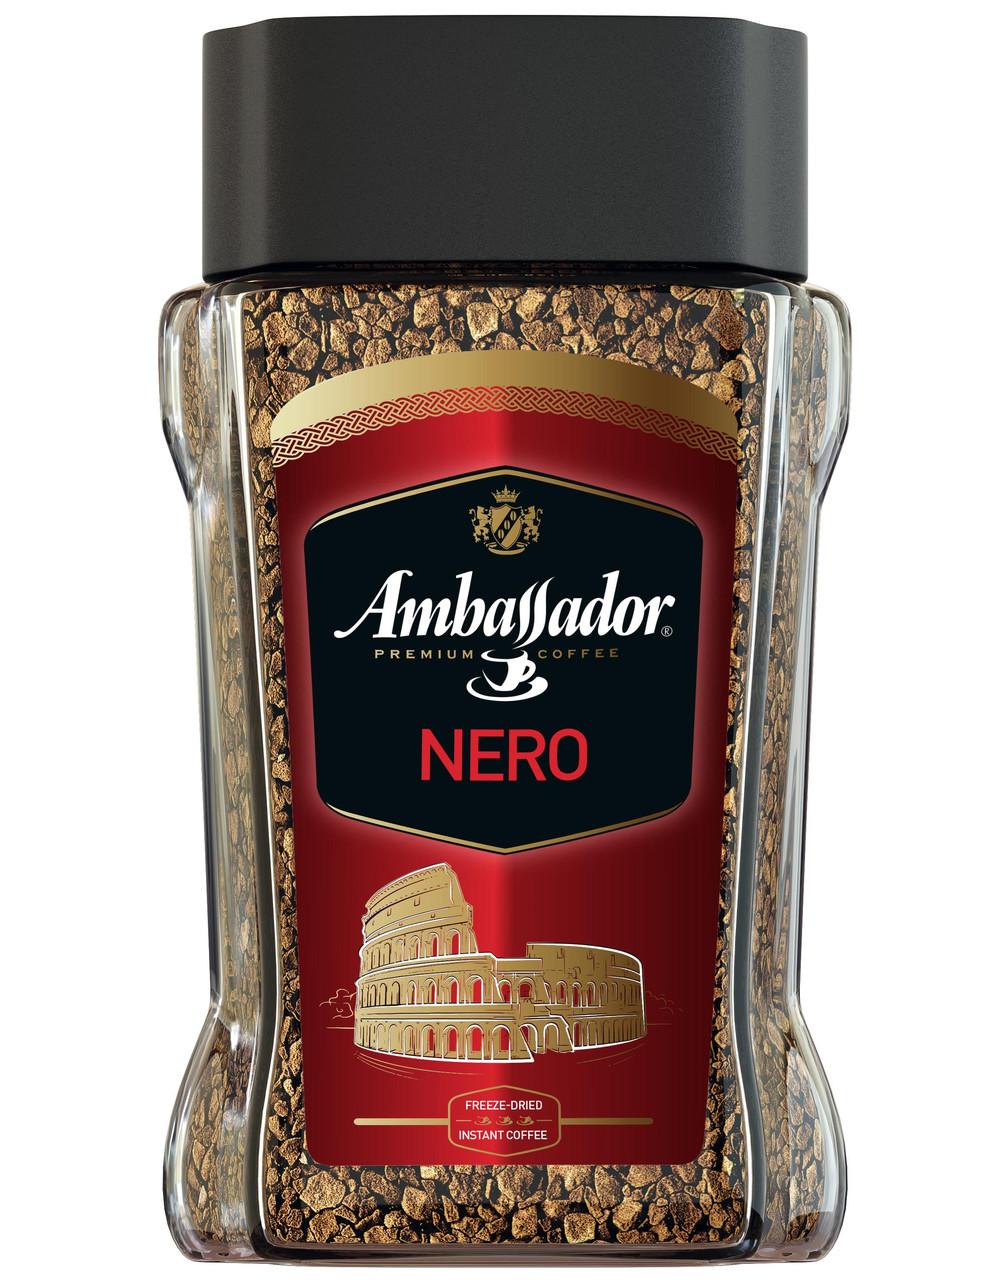 Кофе растворимый Ambassador Nero 190 грамм в стеклянной банке